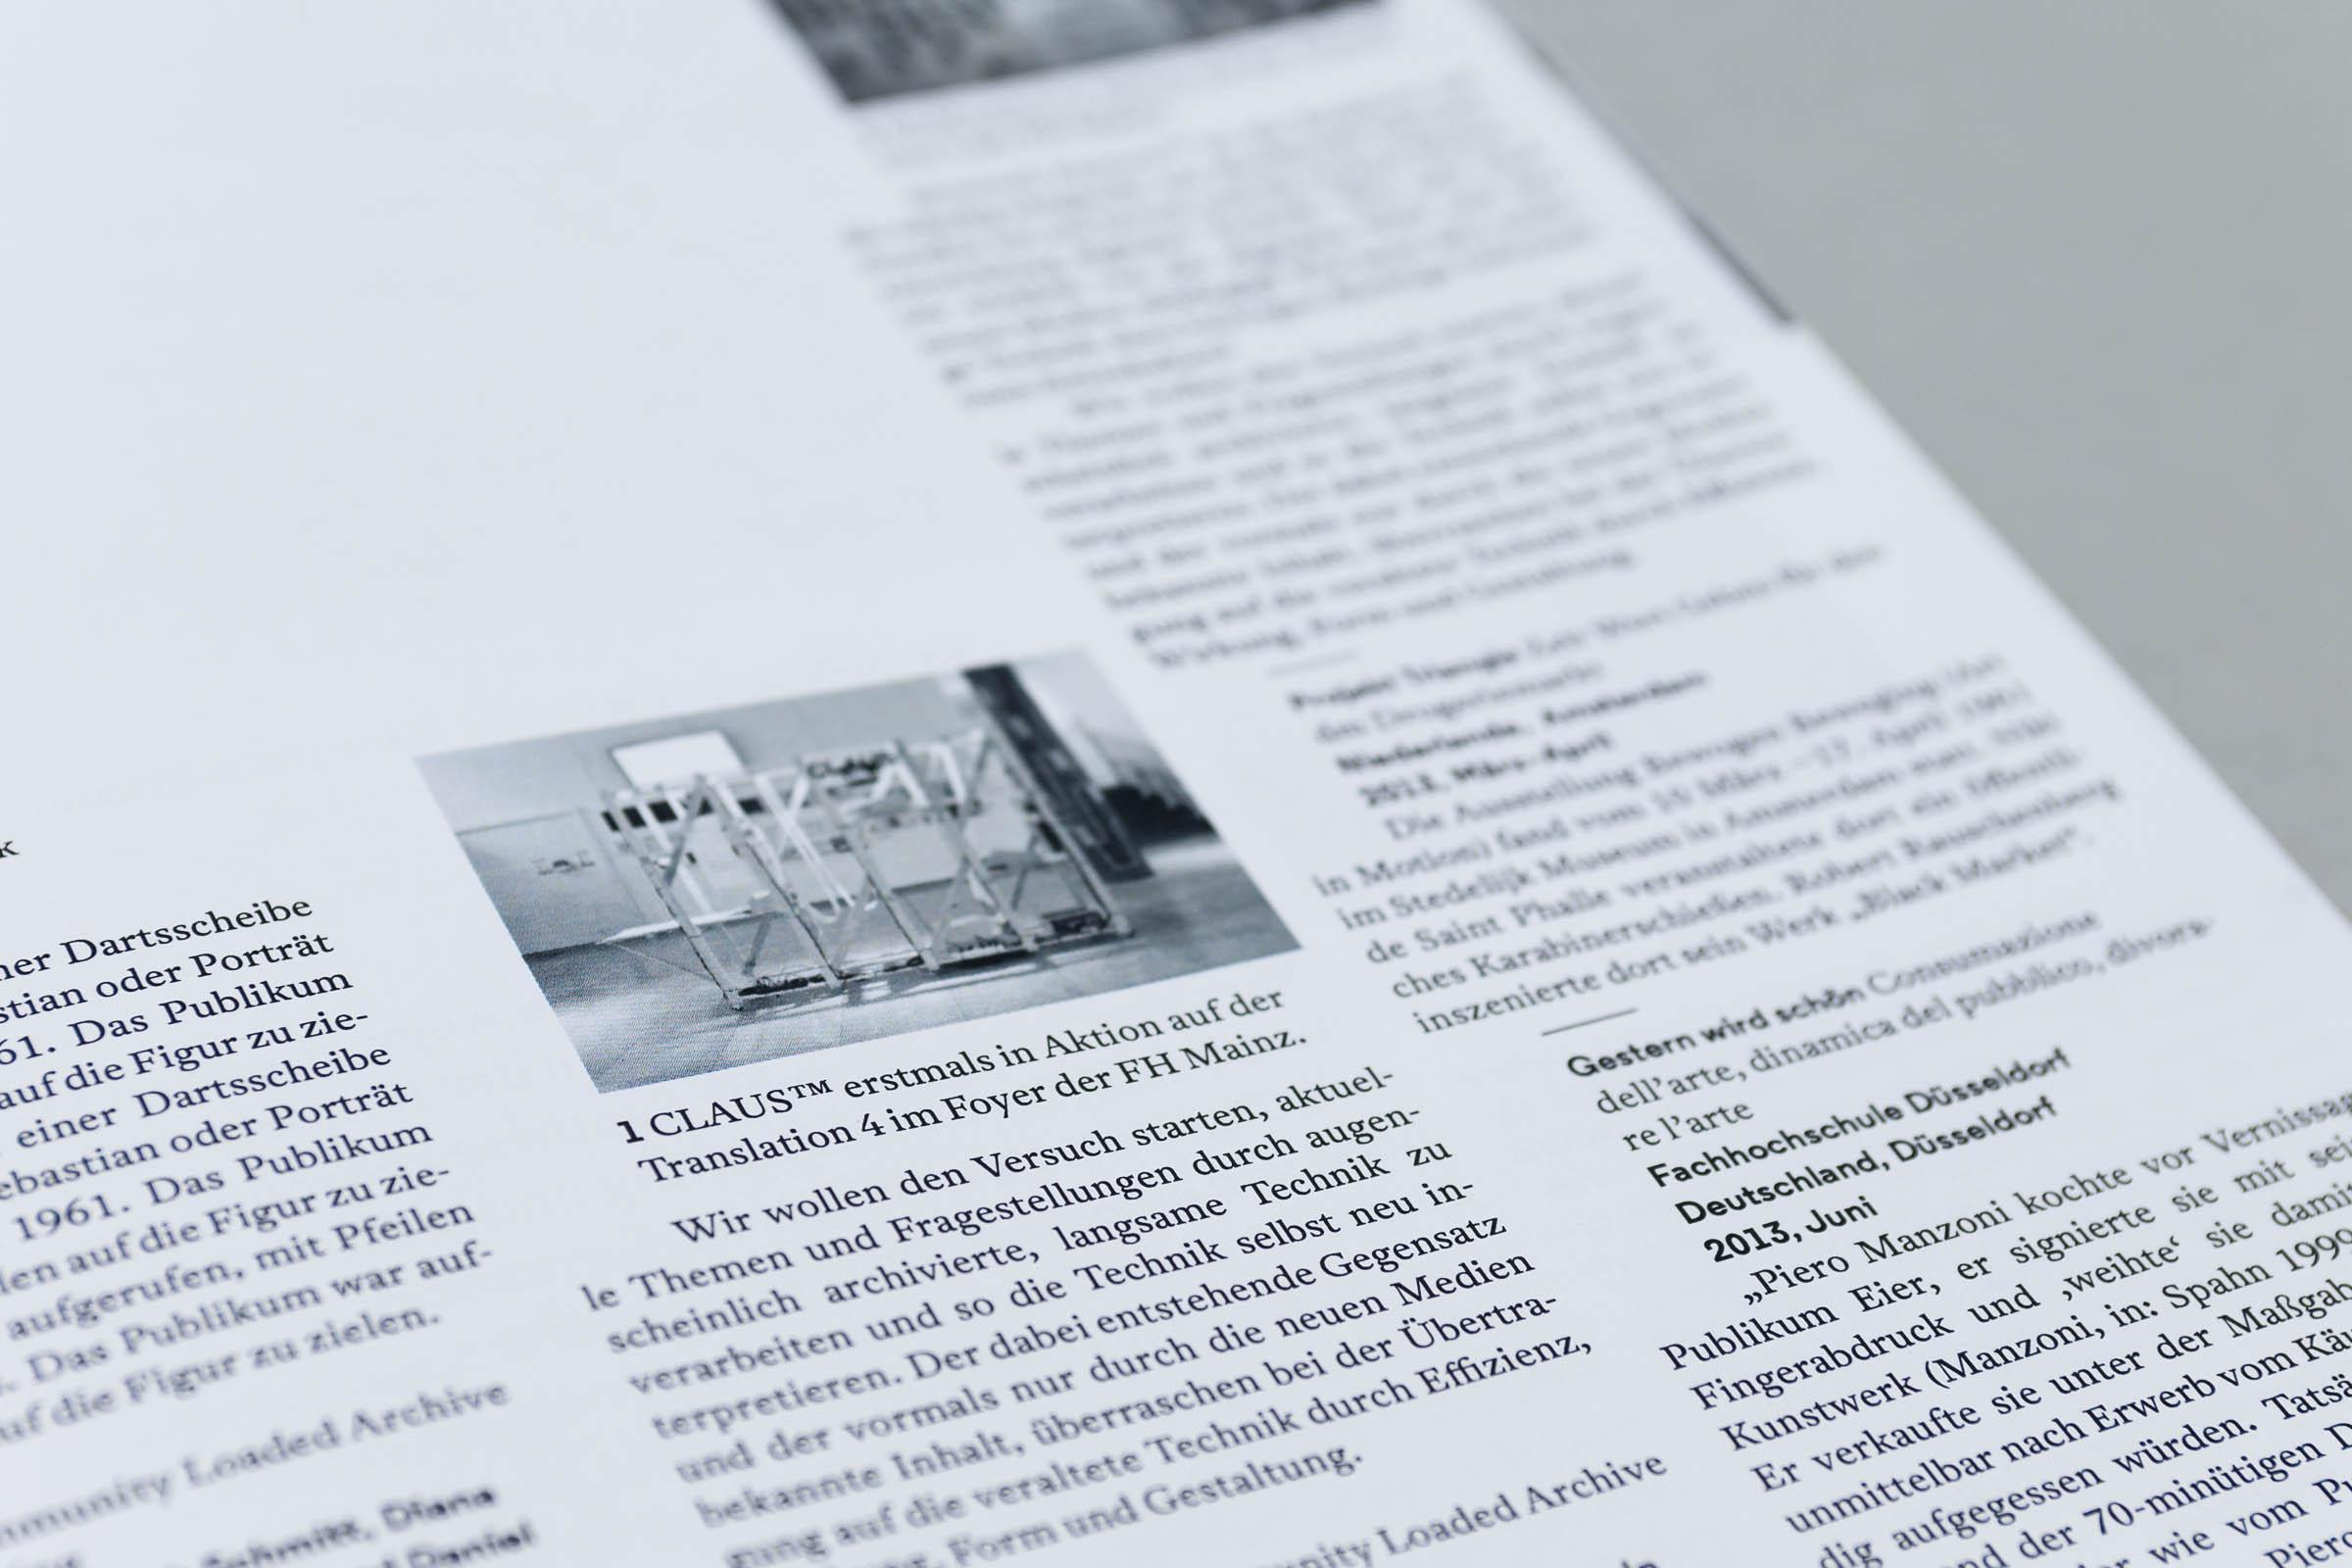 Design for Participation Buchgestaltung Detailansicht lexikalischer Teil mit Typografie und Bildern © Christian Weber – Büro für Gestaltung und Kommunikation